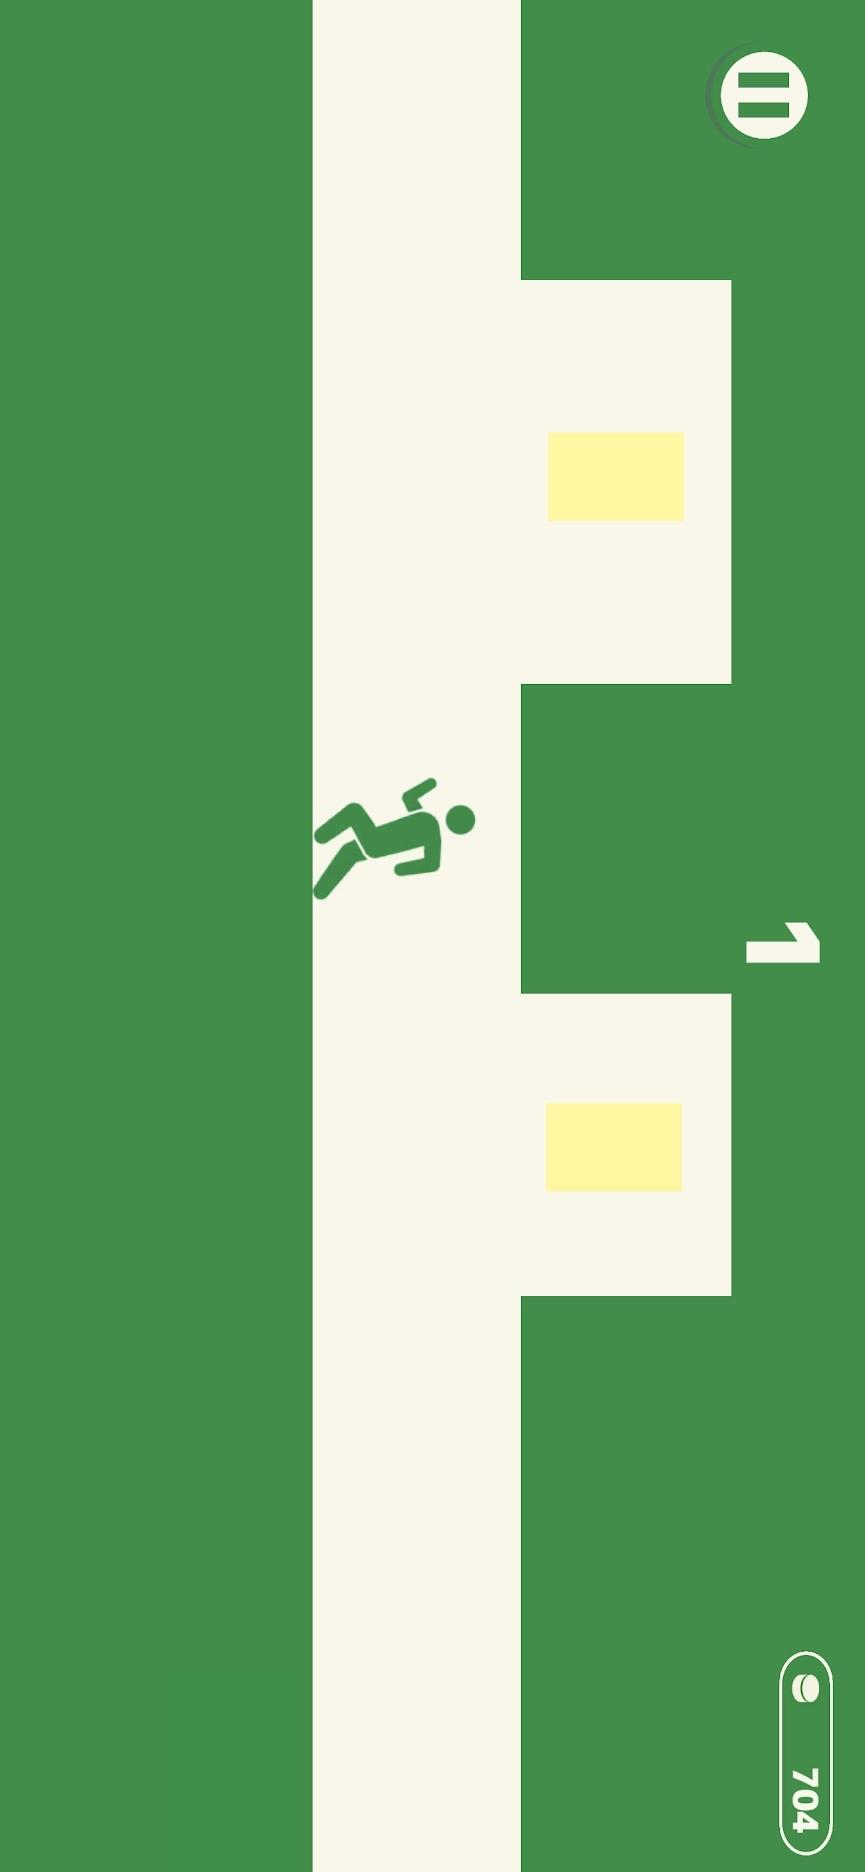 逃离之男游戏截图